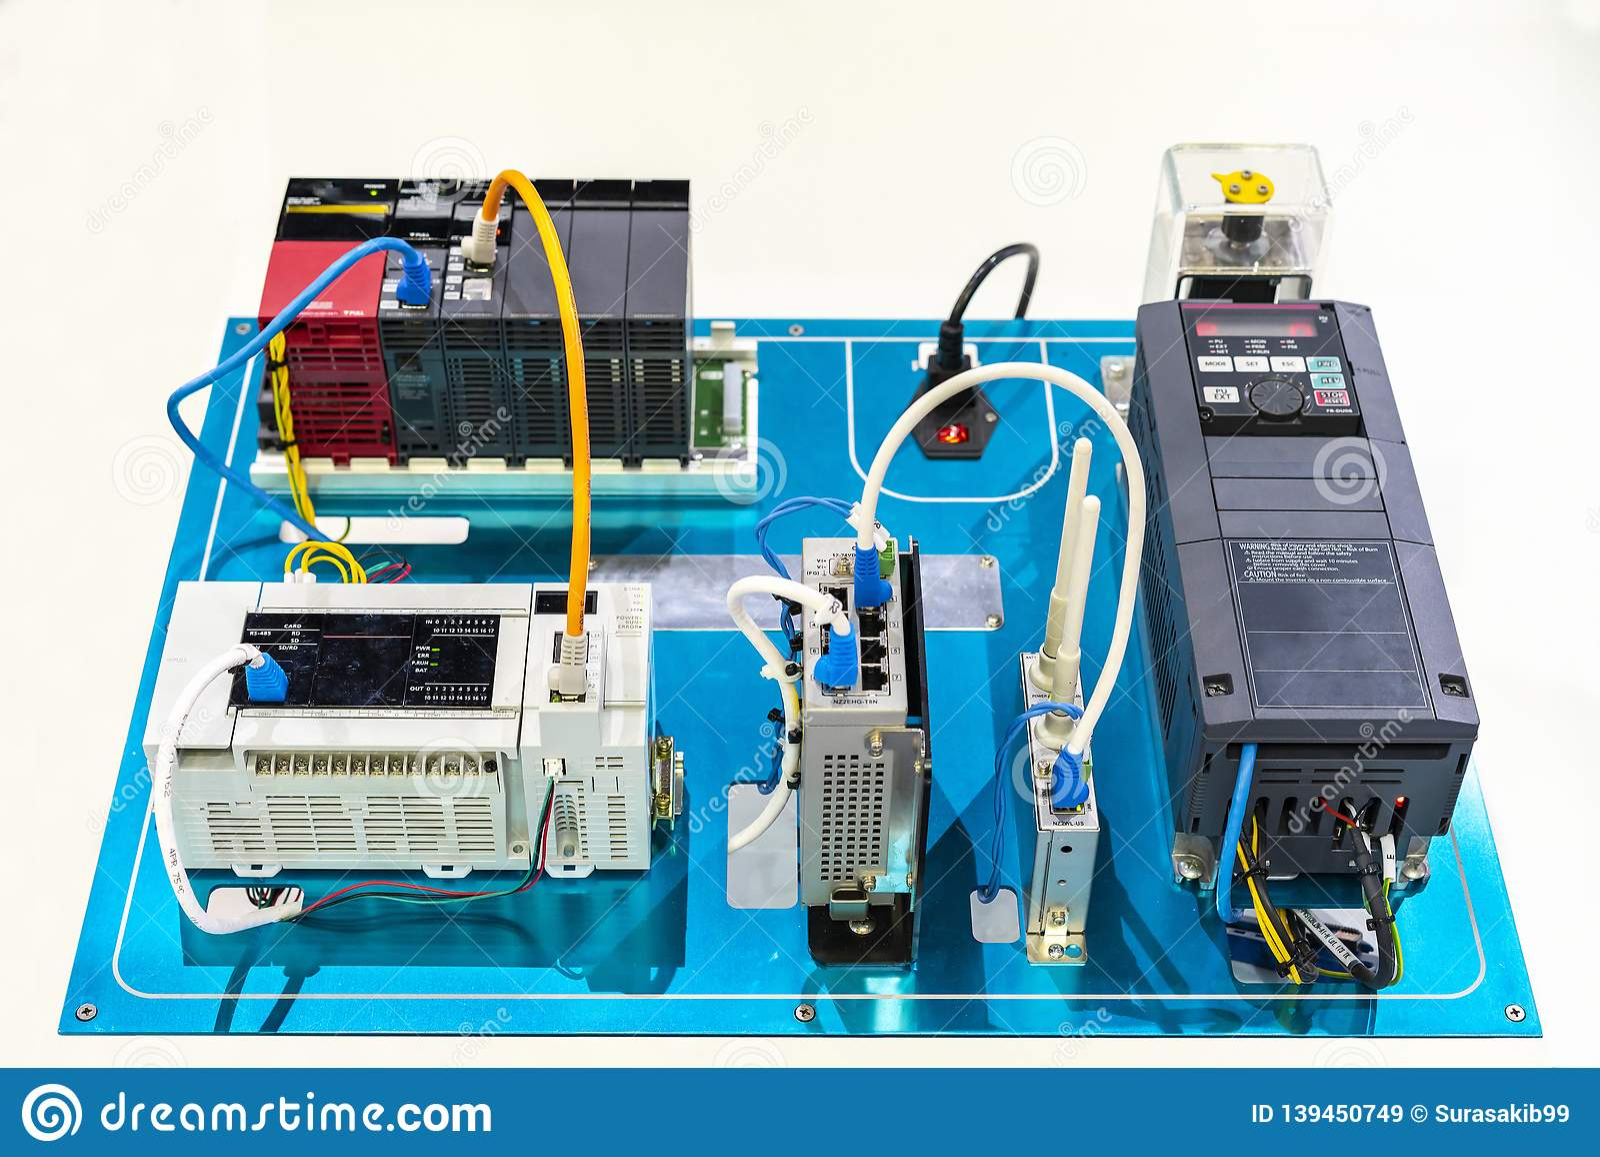 自动变换器电流传染媒介vfd连接用程序逻辑控制器plc &交换式集线器无线调制解调器为